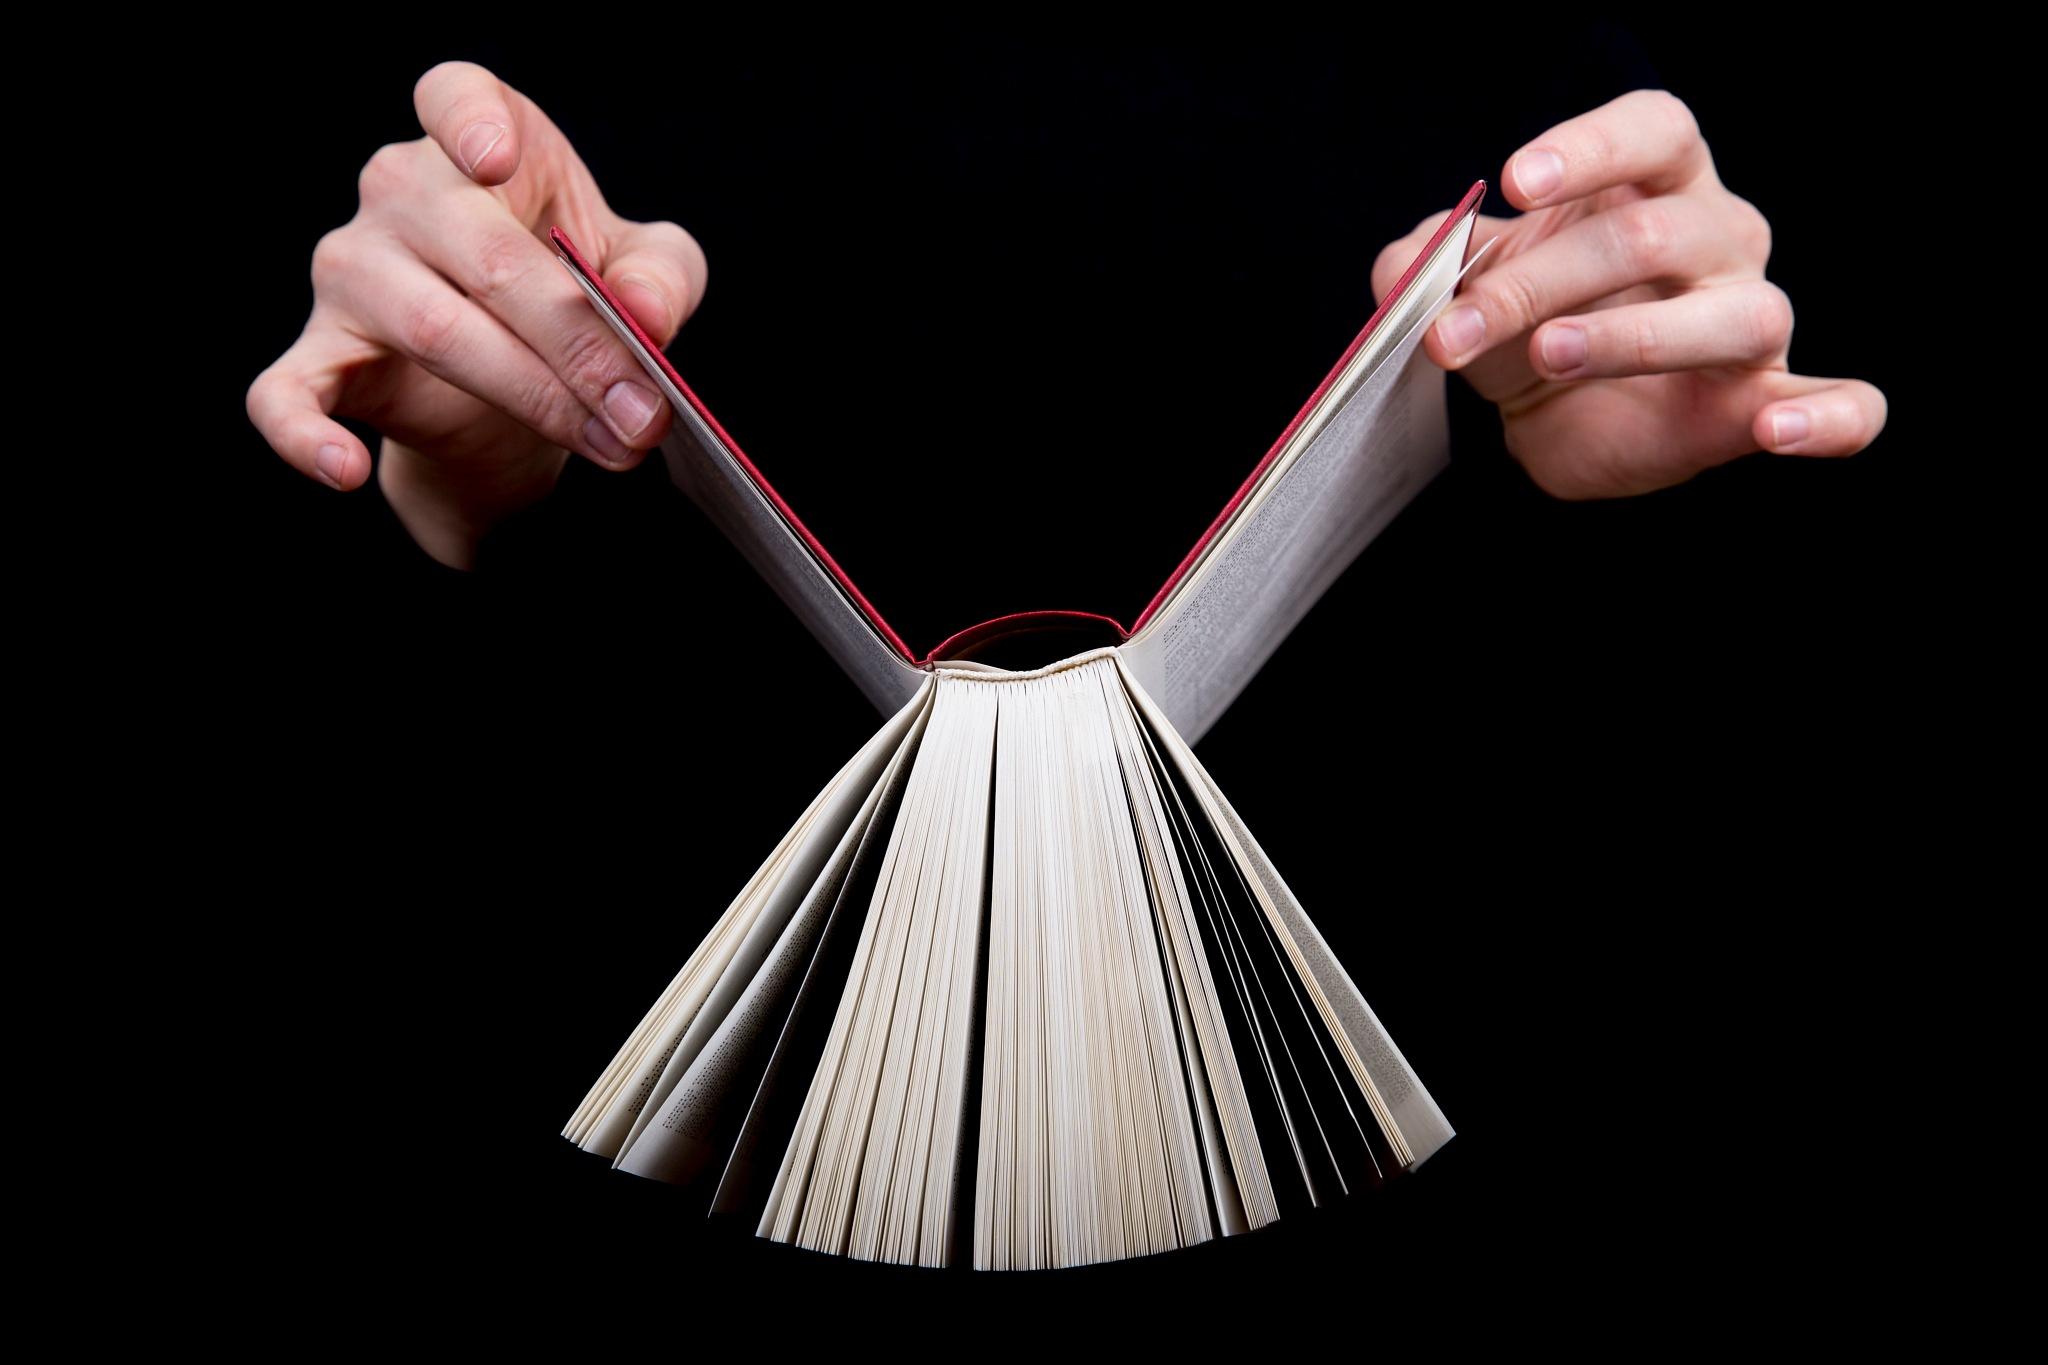 book manipulation by El Comondear